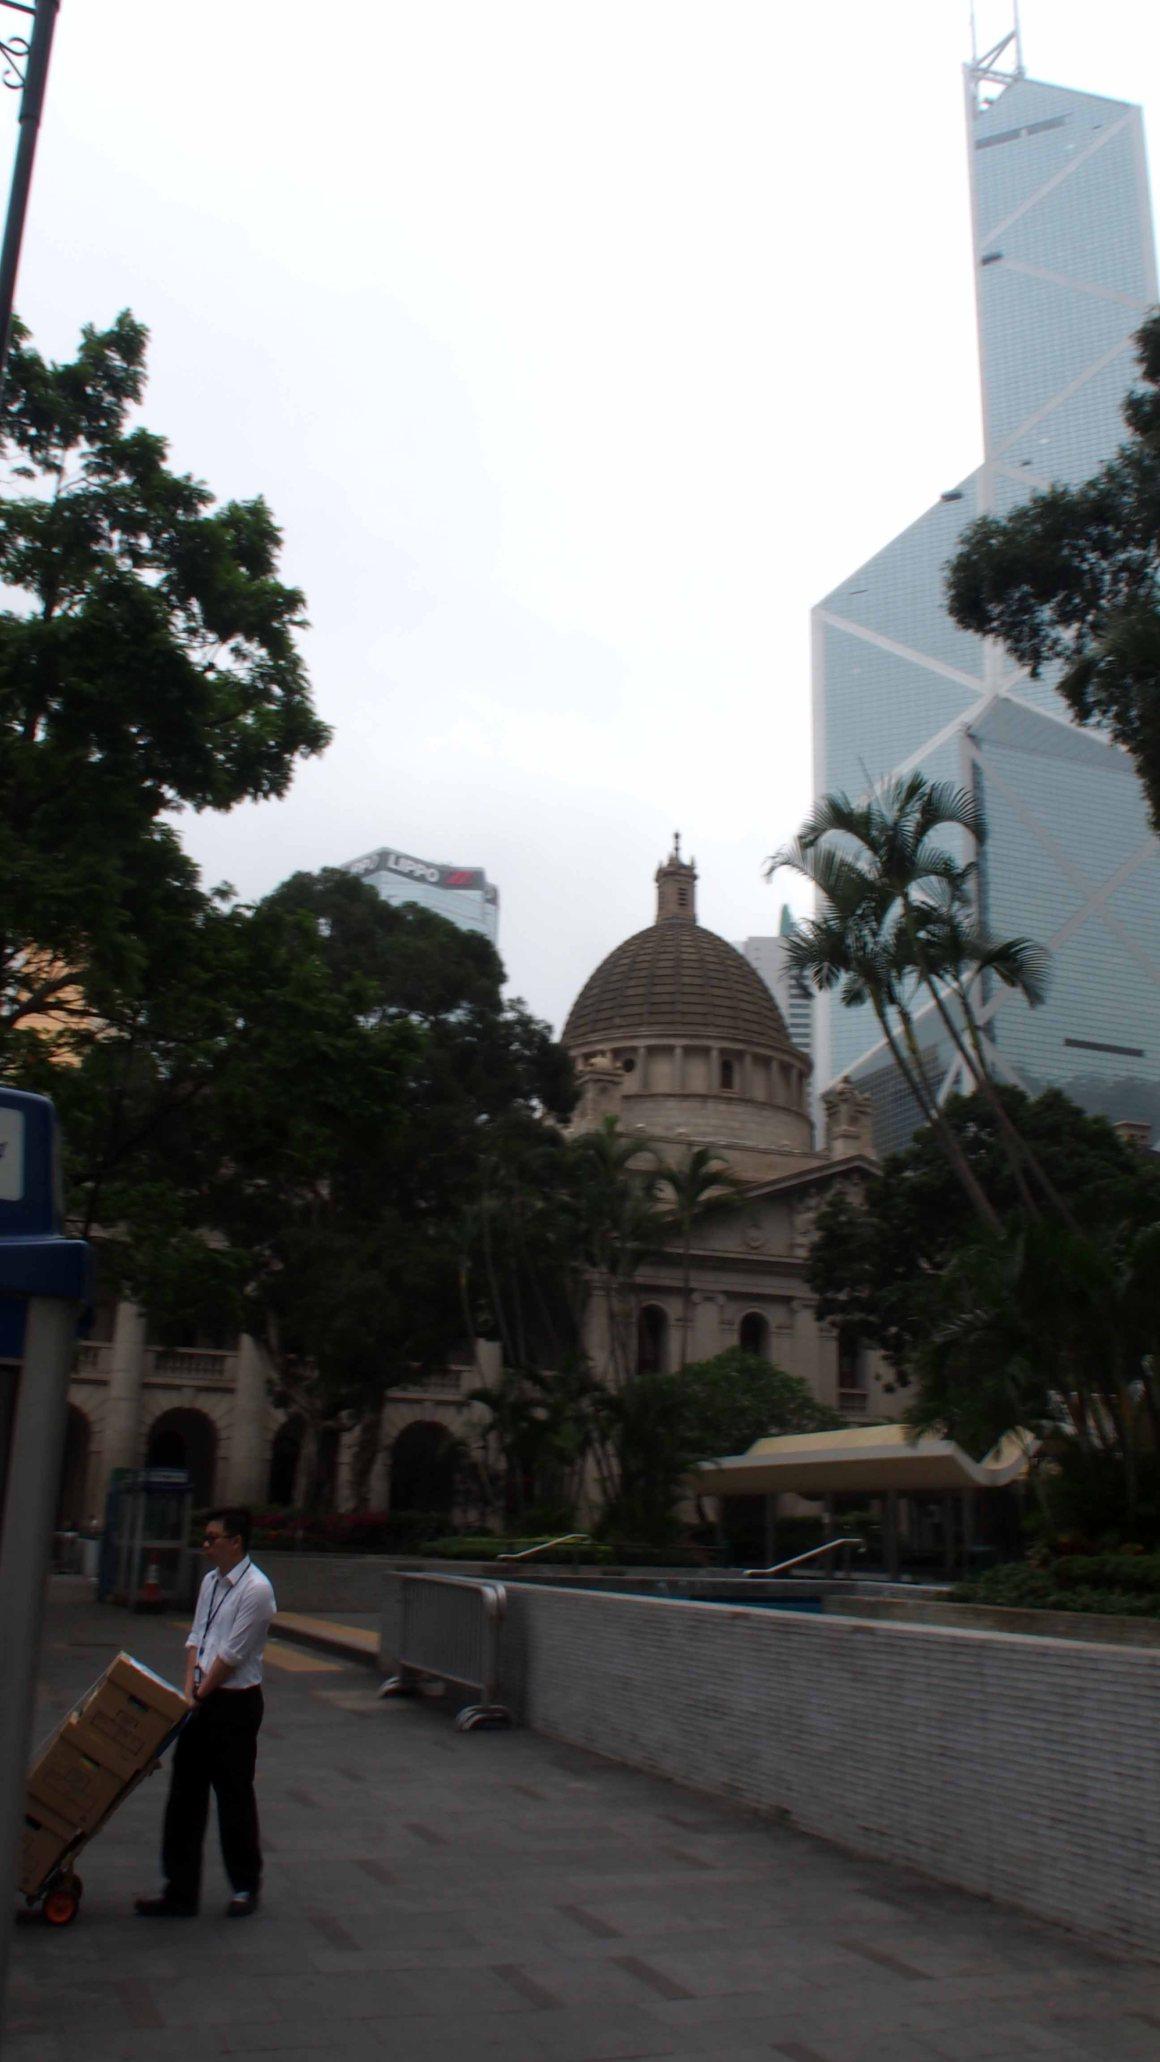 LEGISLATIVE-COUNCIL-BUILDING-HONG-KONG